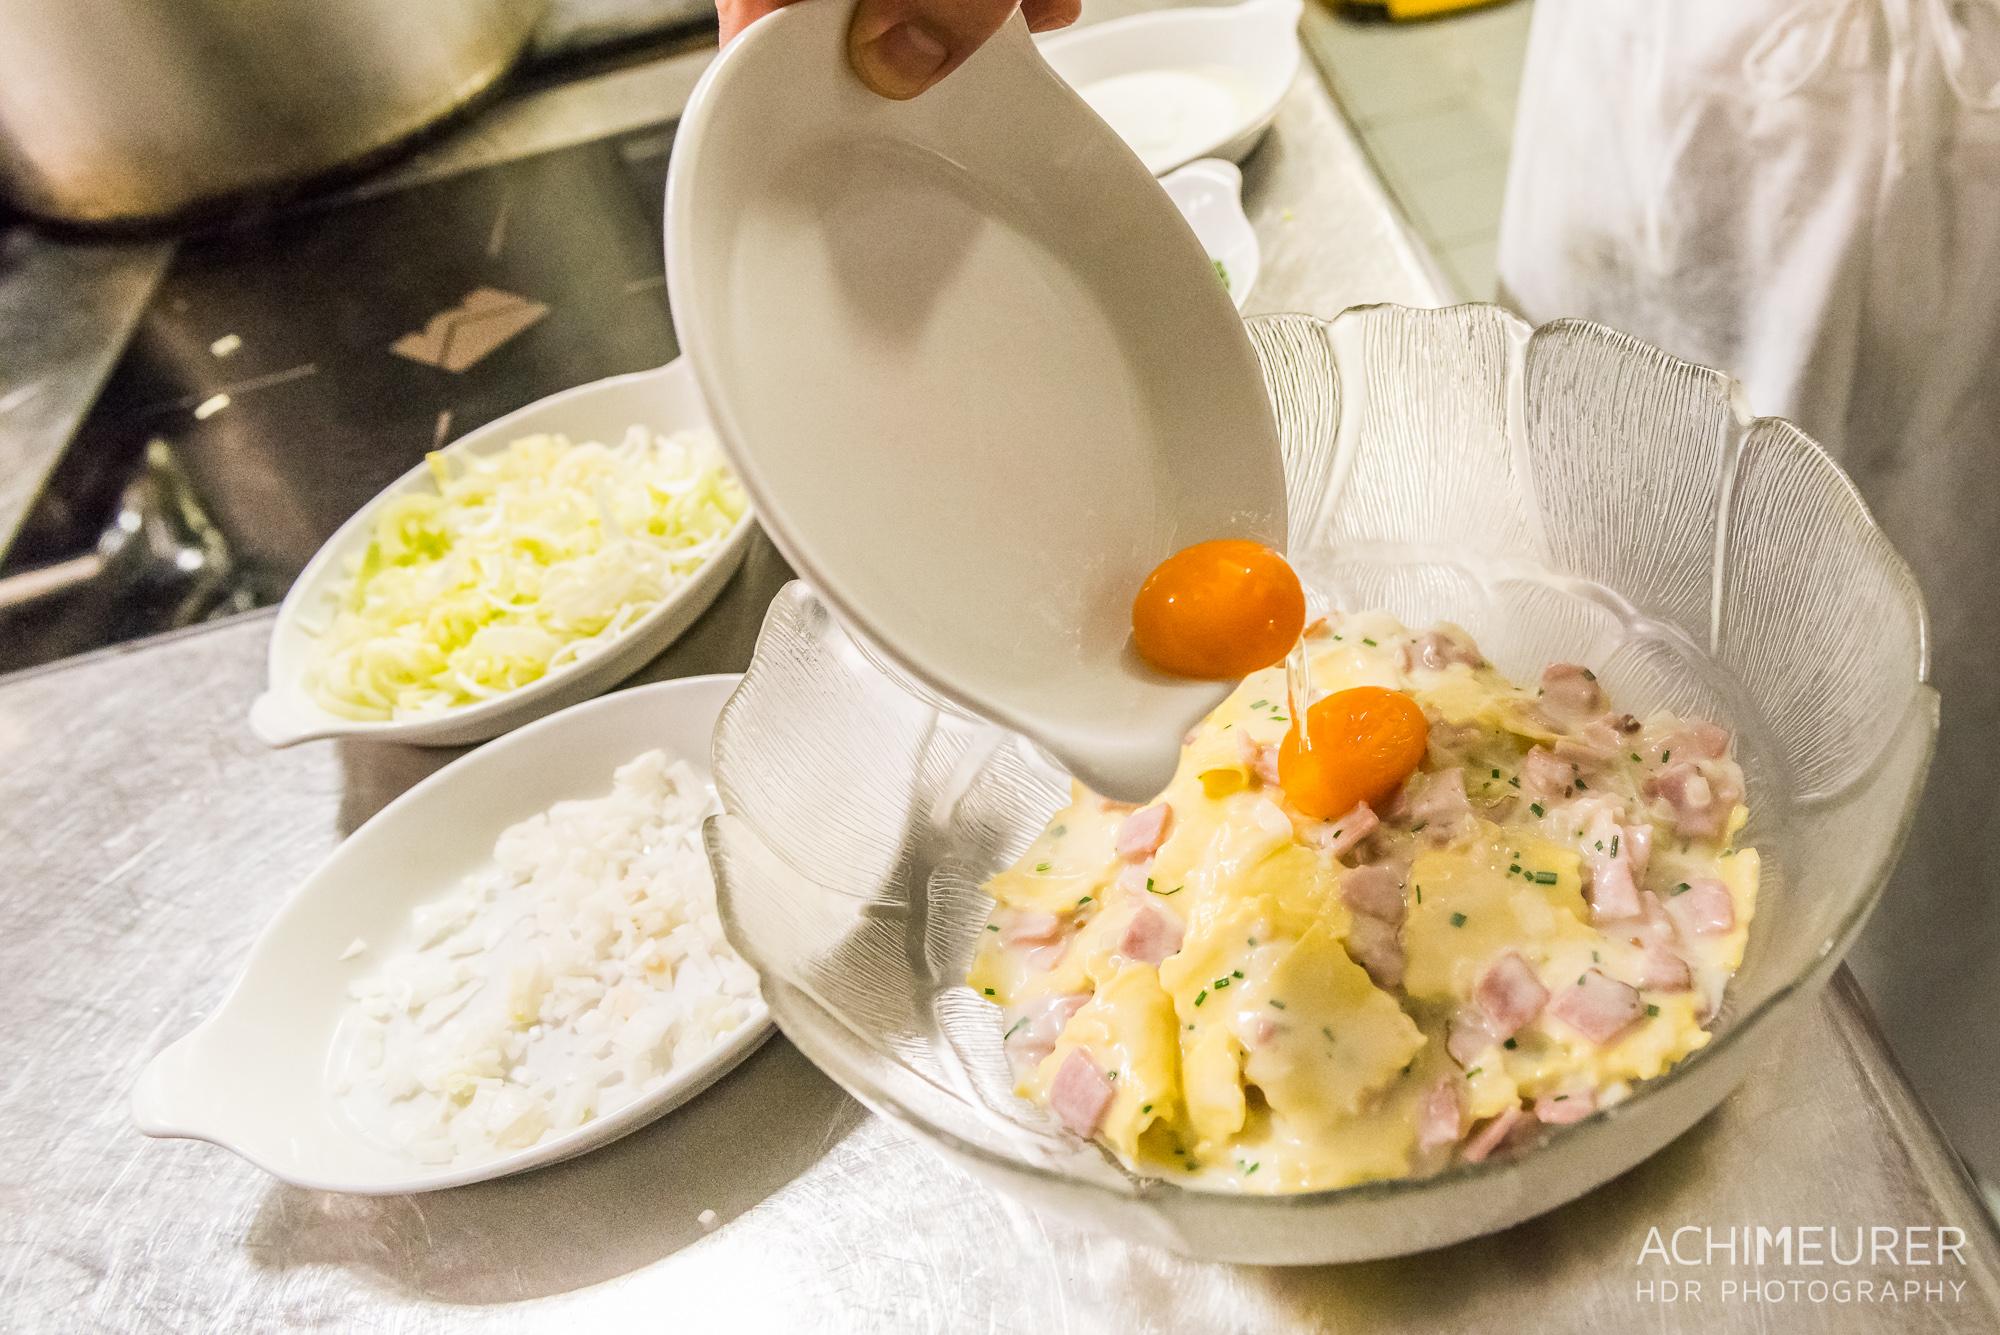 Suedtirol-Sueden-Bozen-Voegele-Kulinarik-Food-Essen-Kueche-Bozener-Sauce-Schinken-Fleckerln_1051